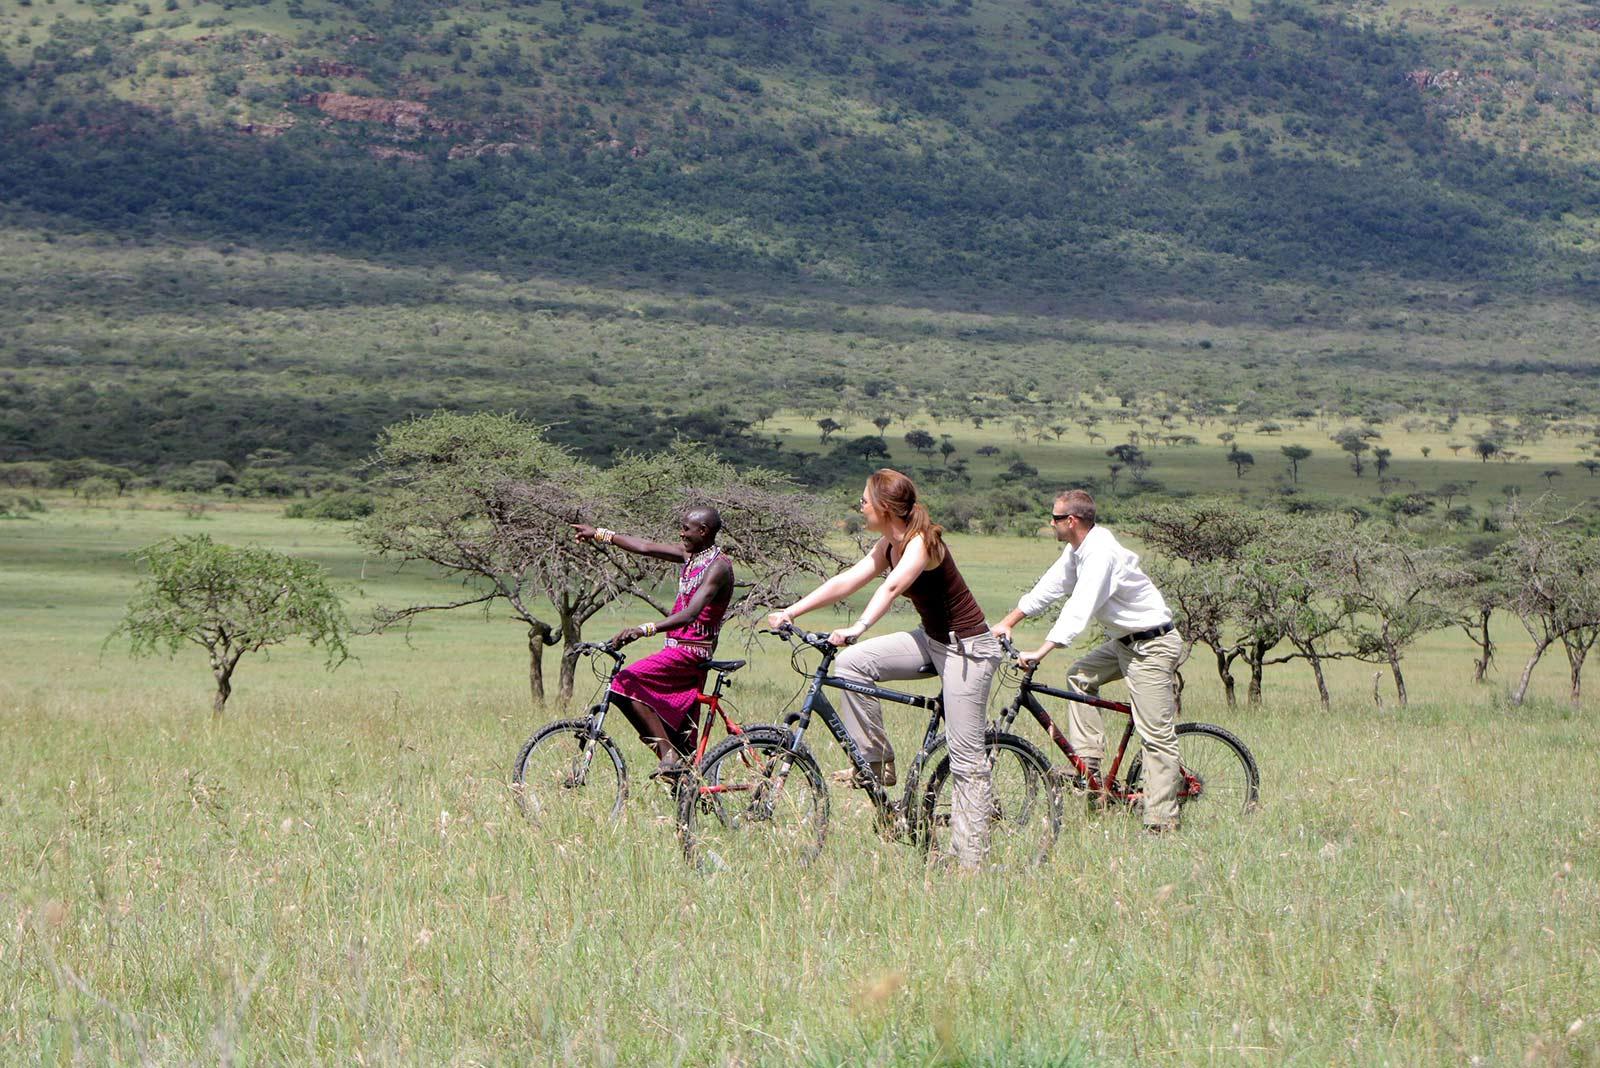 Biking Safari In Kenya